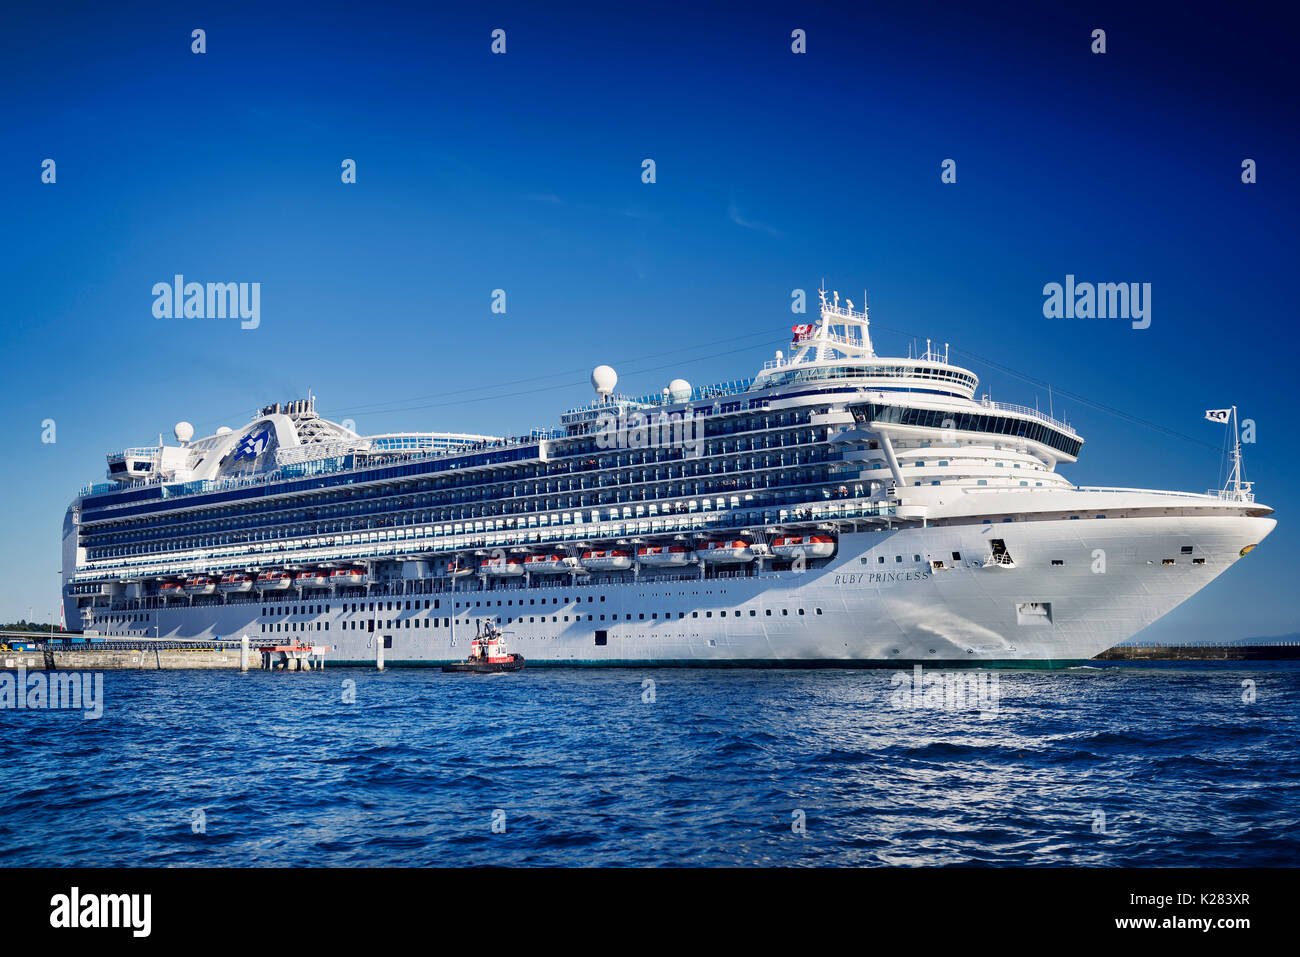 Ruby Princess Cruise Ship Stock Photos Amp Ruby Princess Cruise Ship Stock Images Alamy